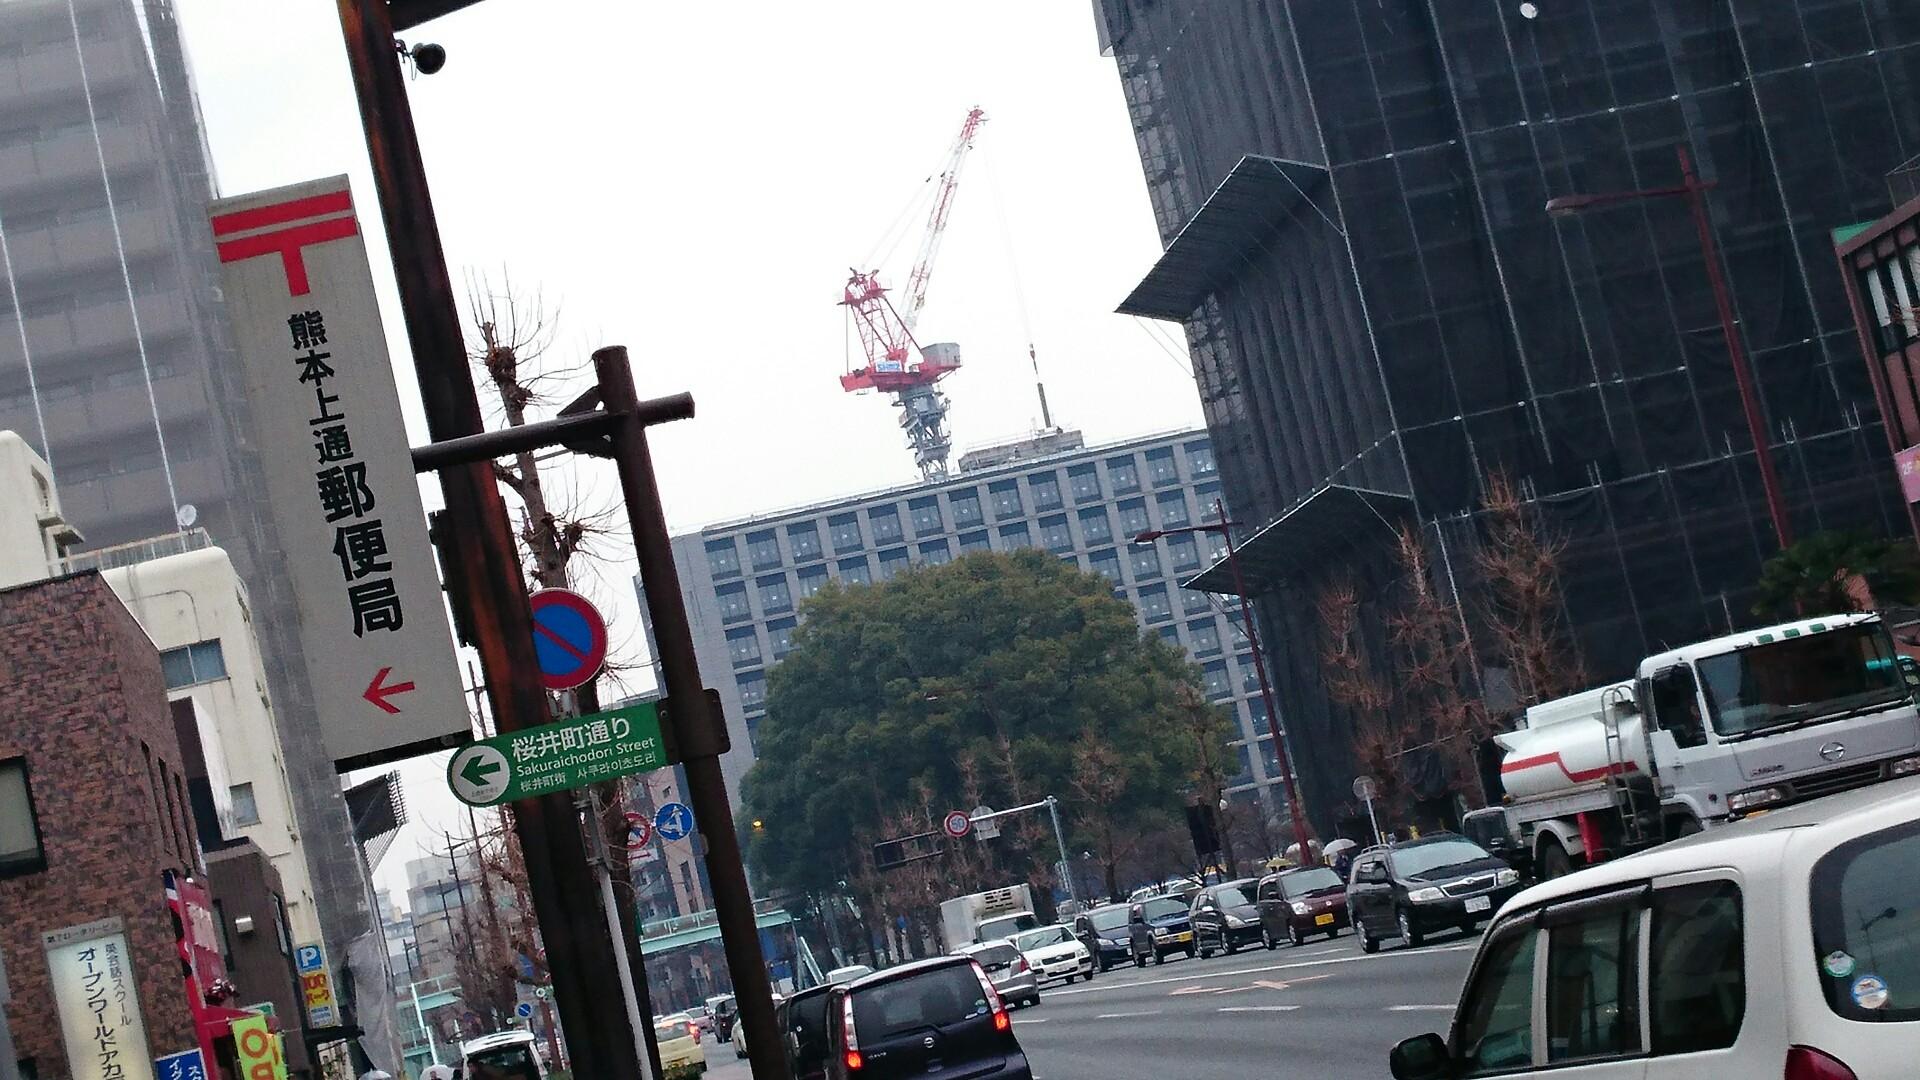 熊本市中央区北警察署隣りの再開発ビル - ラーメンブログ